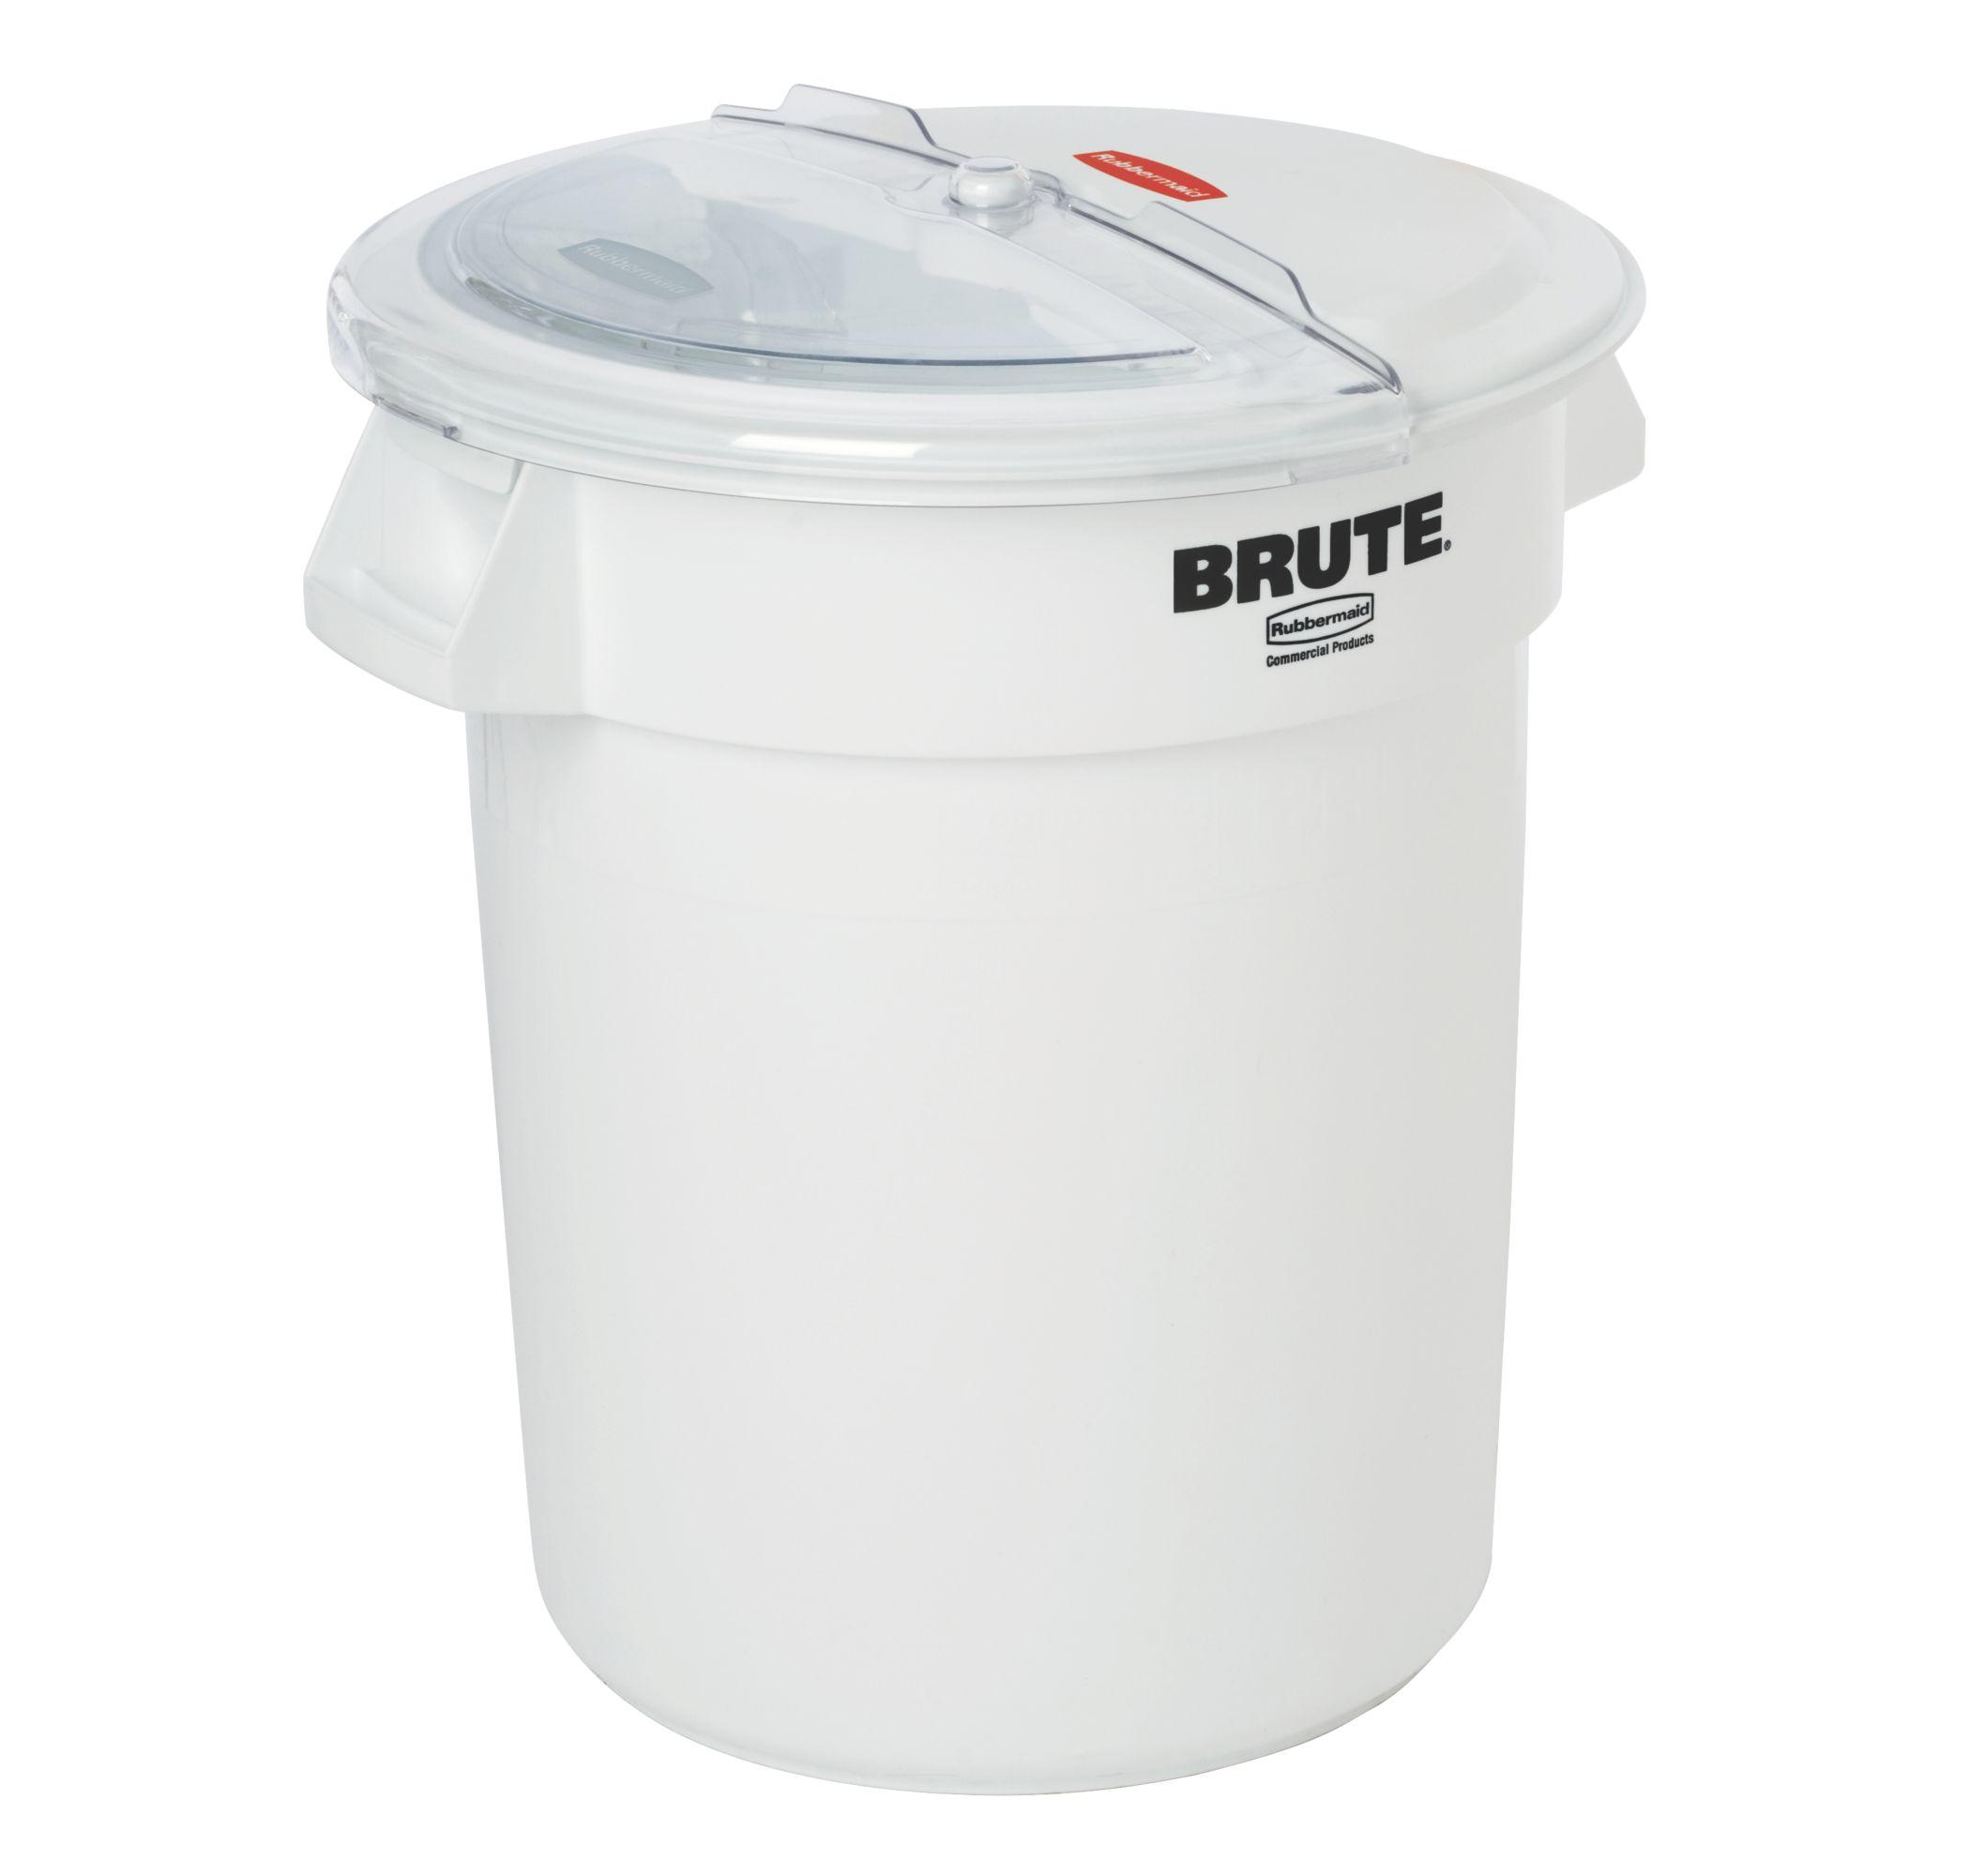 Contenedor Brute 75 litros + Tapa deslizante y cuchara dosificadora